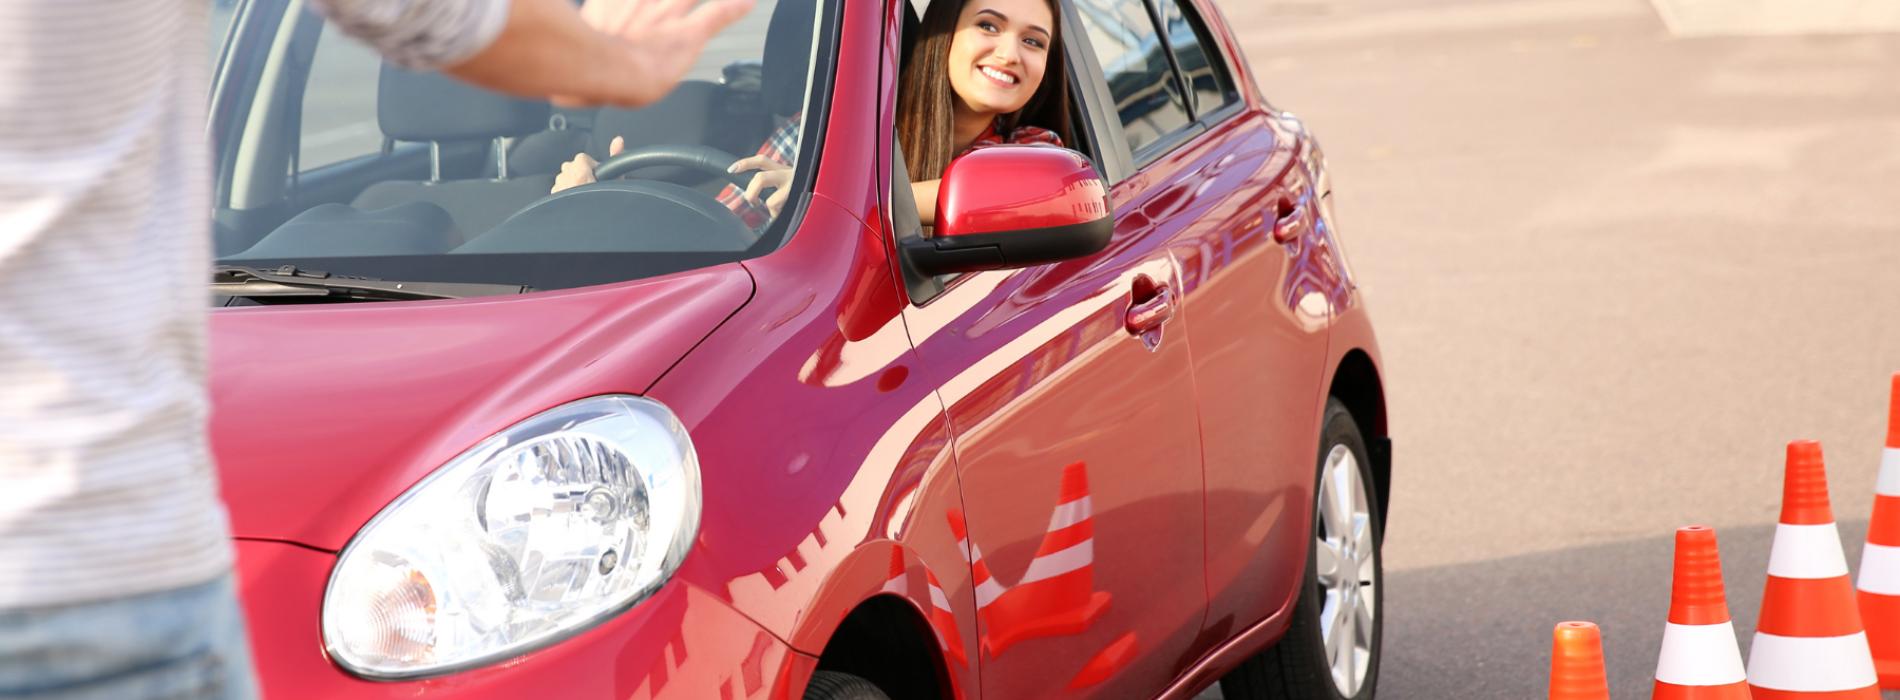 Ile kosztuje prawo jazdy w Krakowie?